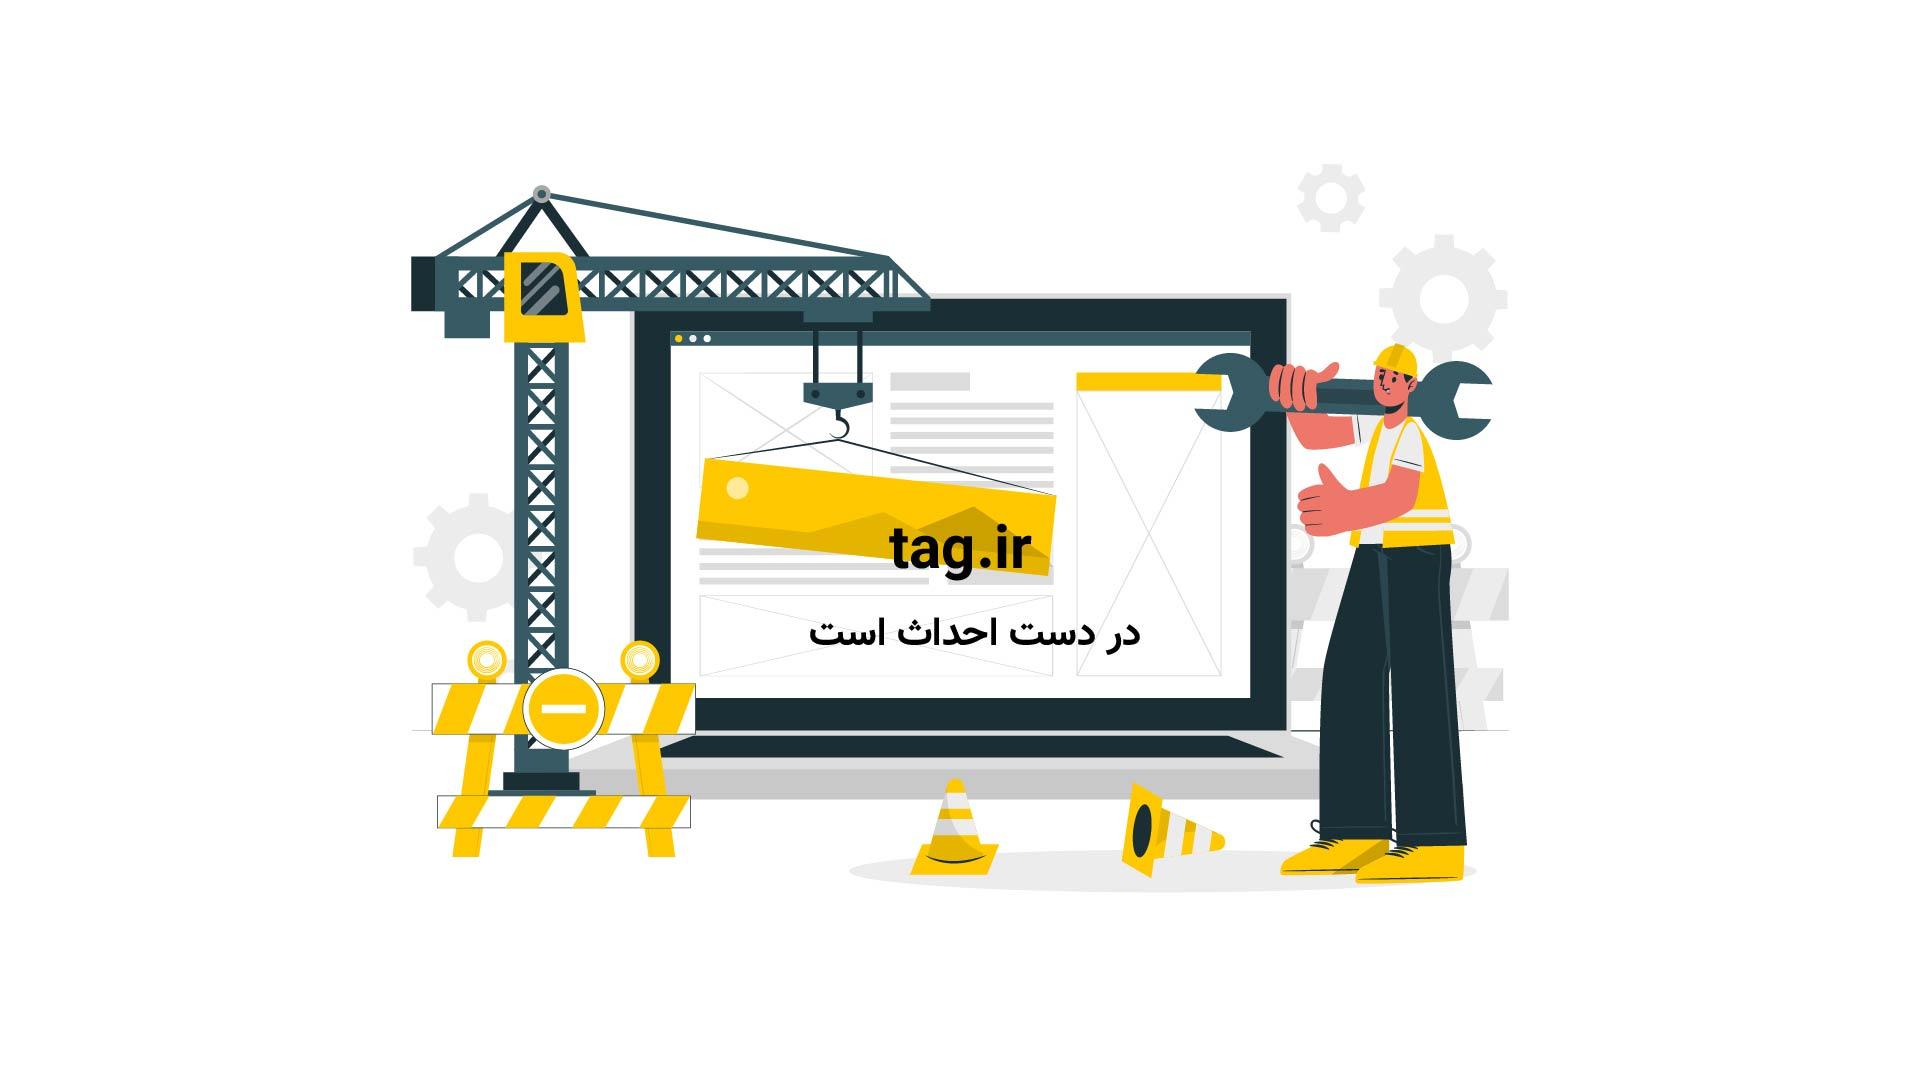 مداحی محمود کریمی در امامزاده علی اکبر چیذر | فیلم